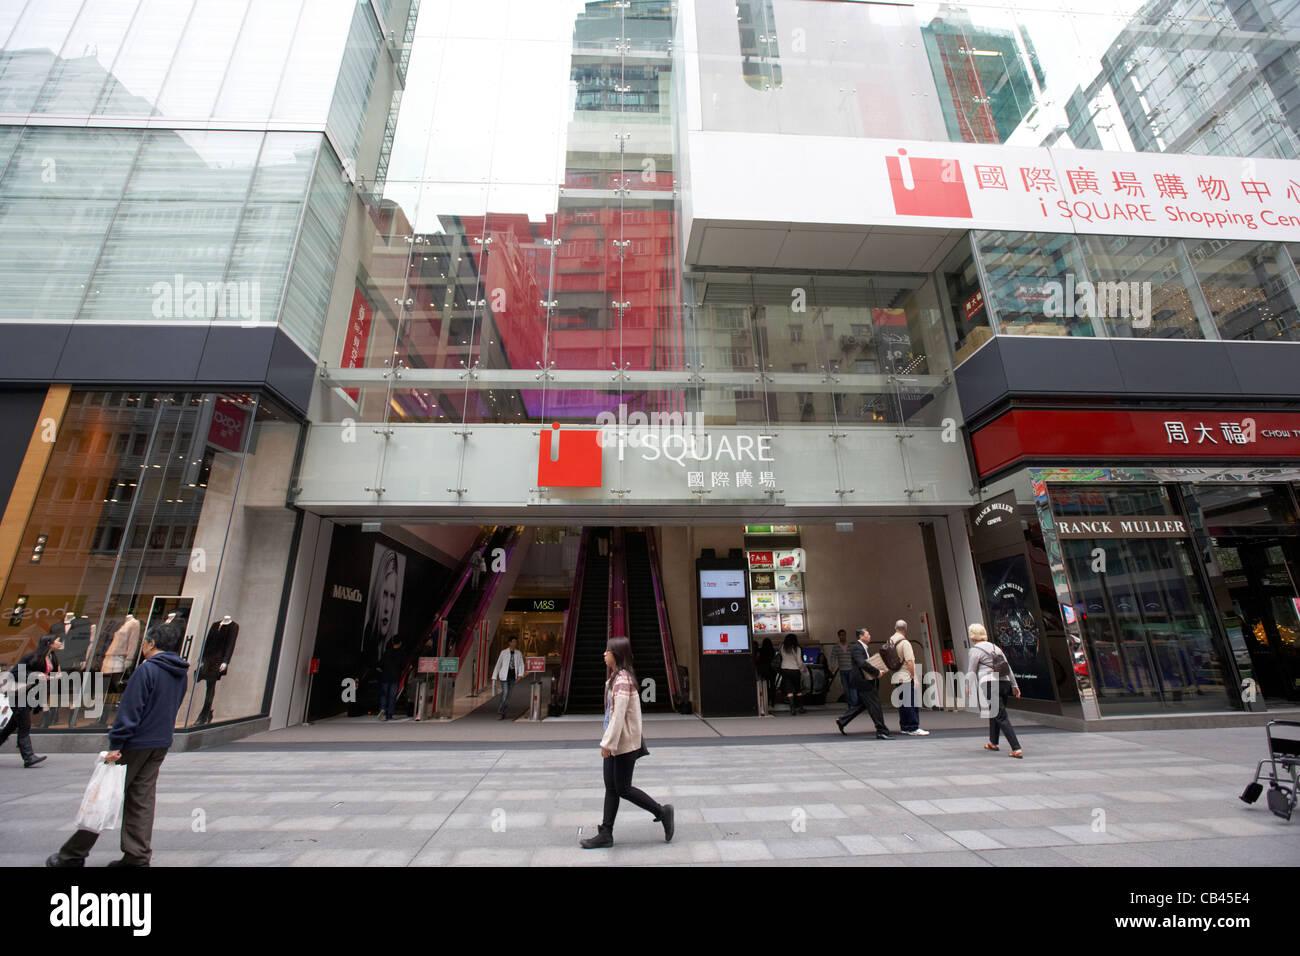 i square shopping centre tsim sha tsui kowloon hong kong hksar china - Stock Image